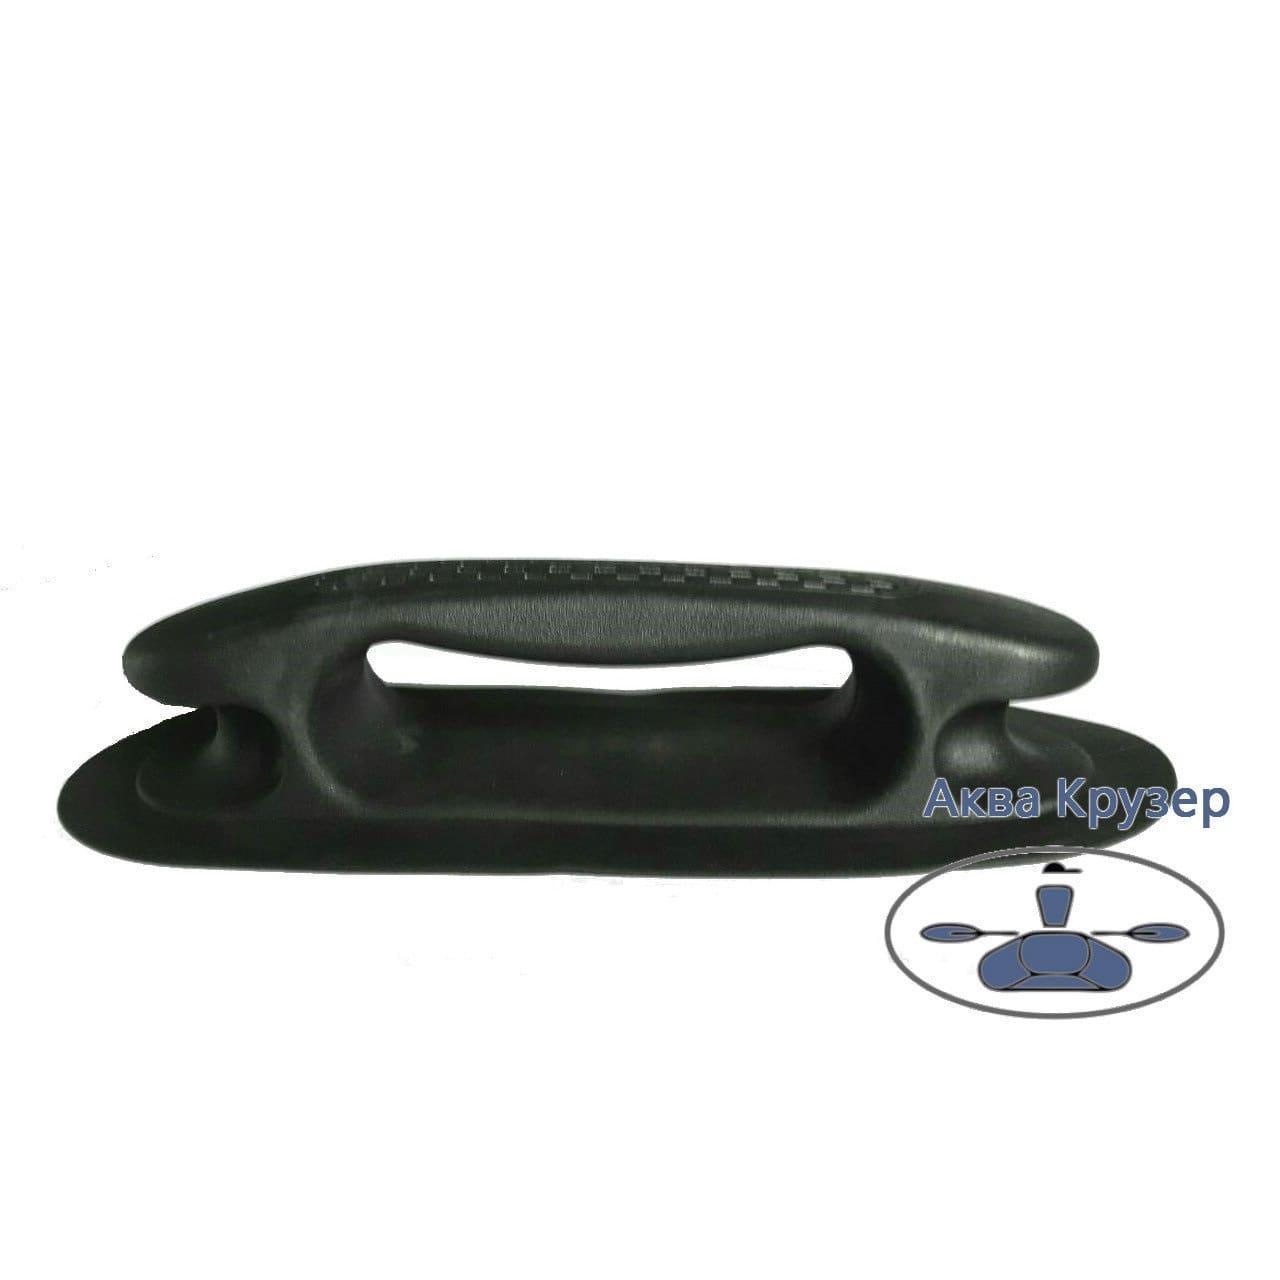 Ручка с выступами для лодок ПВХ - большая кнехтовая, цвет черный